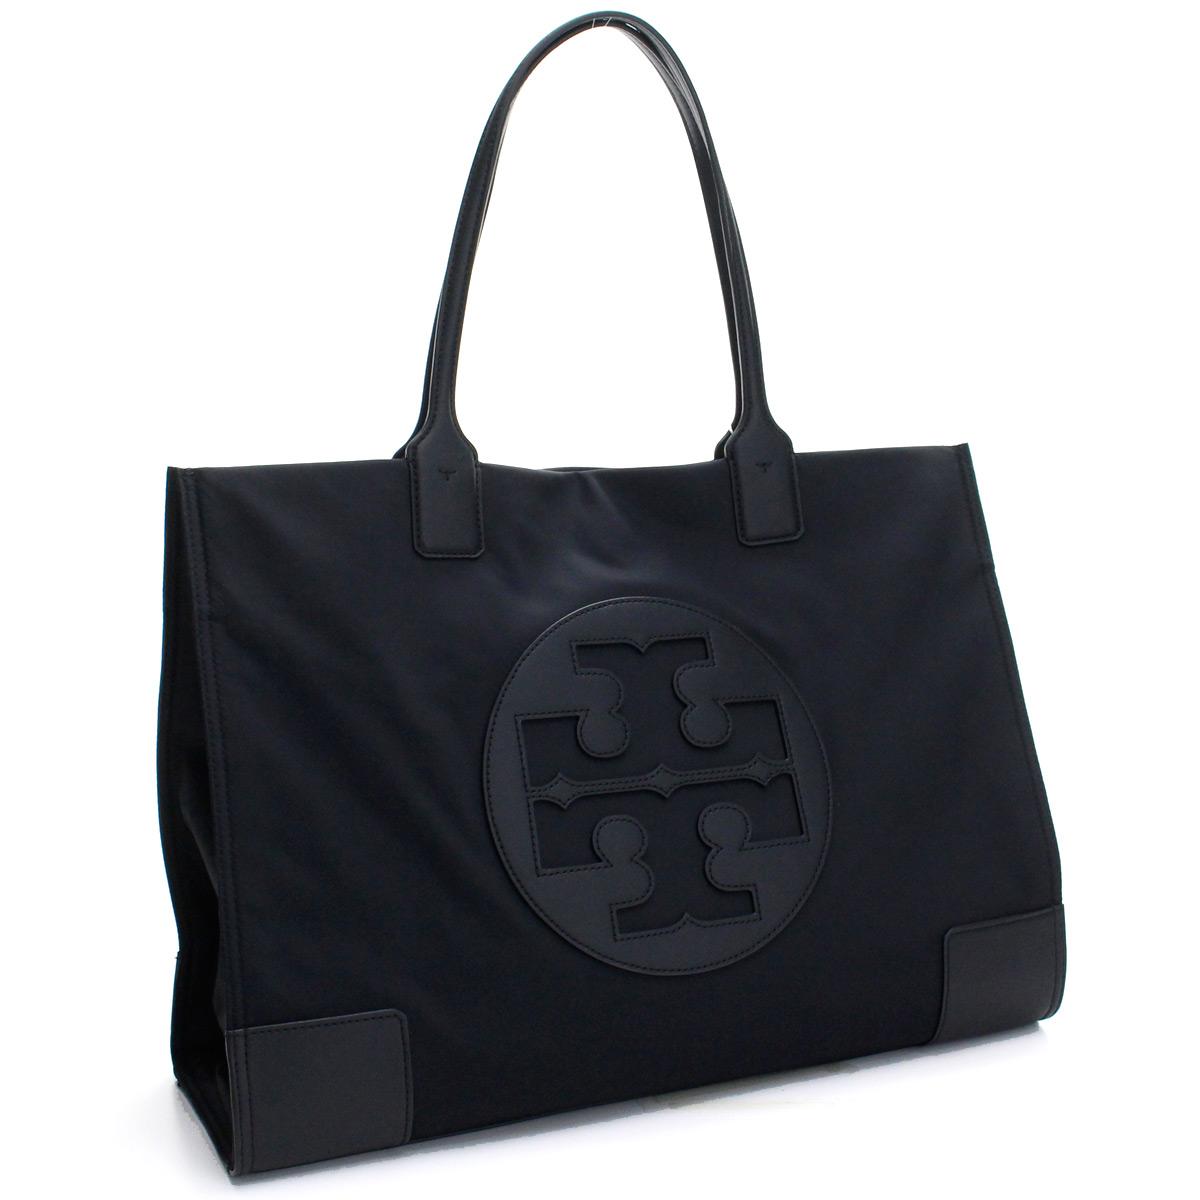 トリーバーチ TORY BURCH バッグ ELLA エラ トートバッグ 55228 001 BLACK ブラック レディース【キャッシュレス 5% 還元】gsw-1